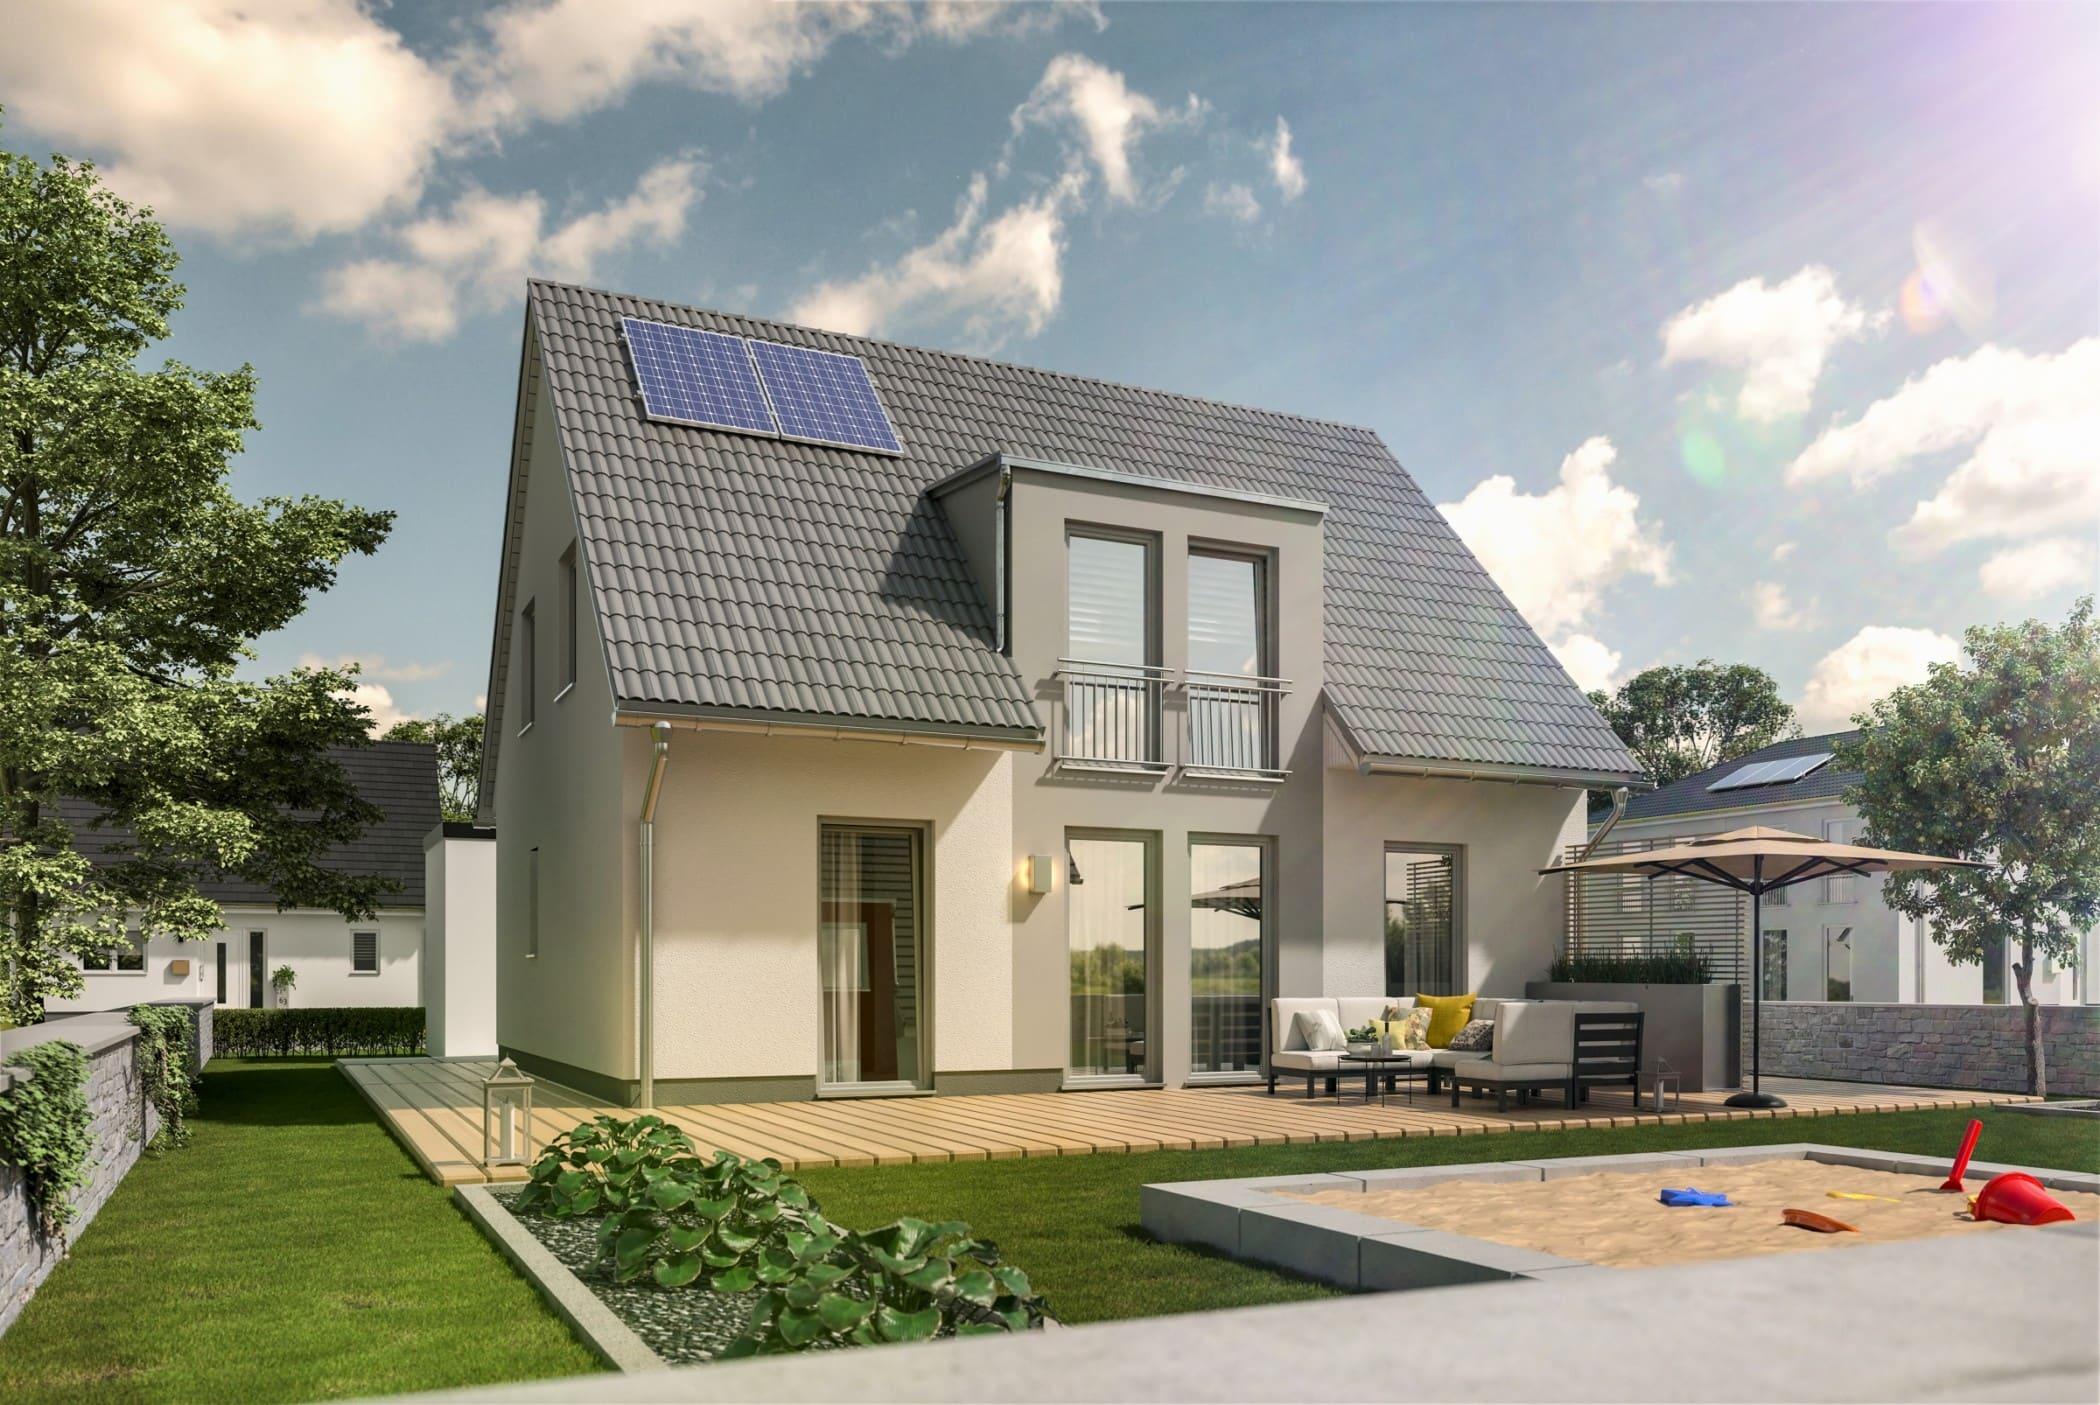 Massivhaus modern mit Satteldach & Zwerchgiebel - Town Country Haus Flair 125 Elegance - HausbauDirekt.de